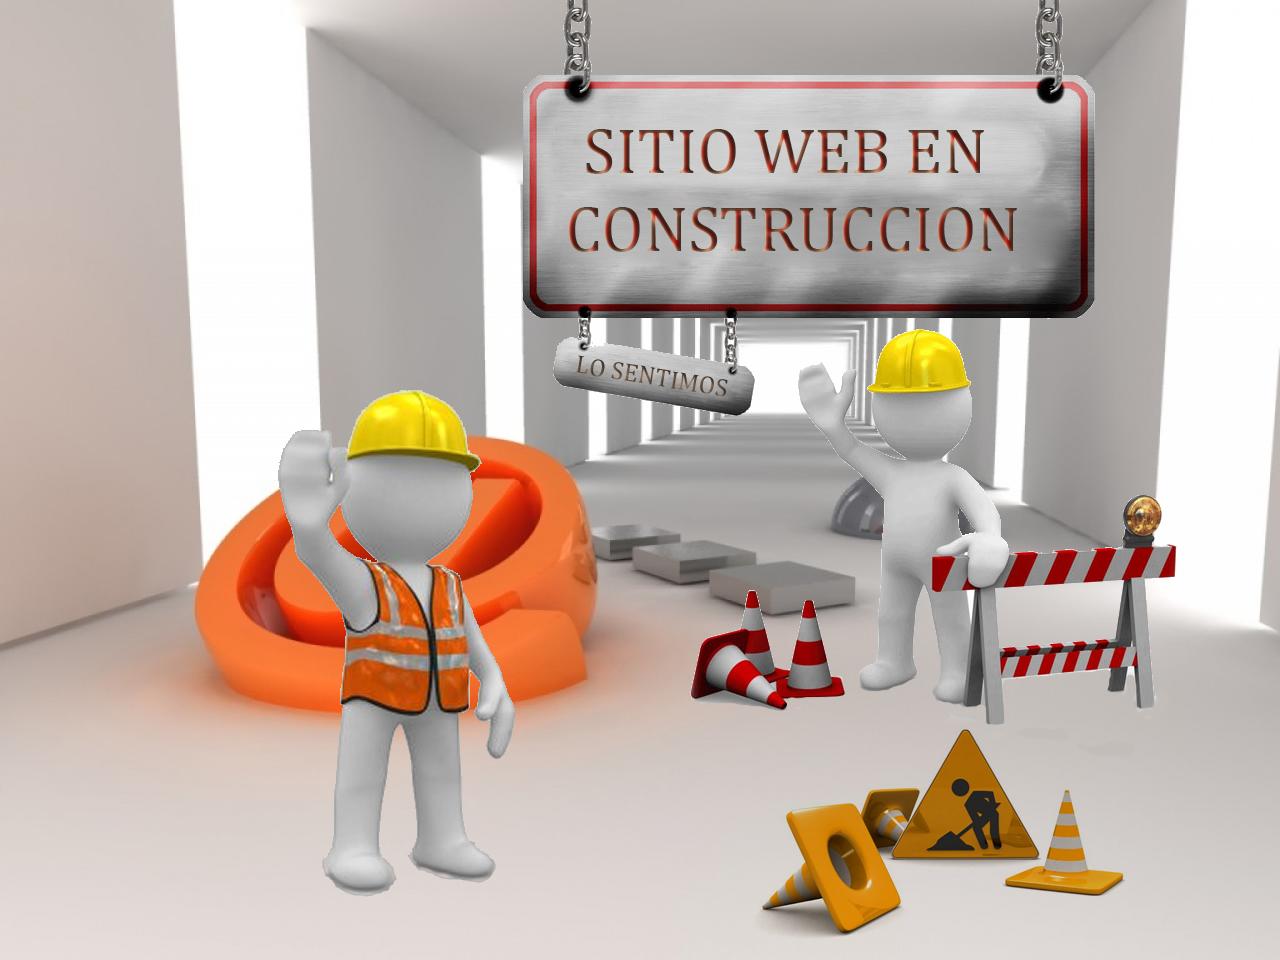 WEBSITE CONSTRUCTIONS